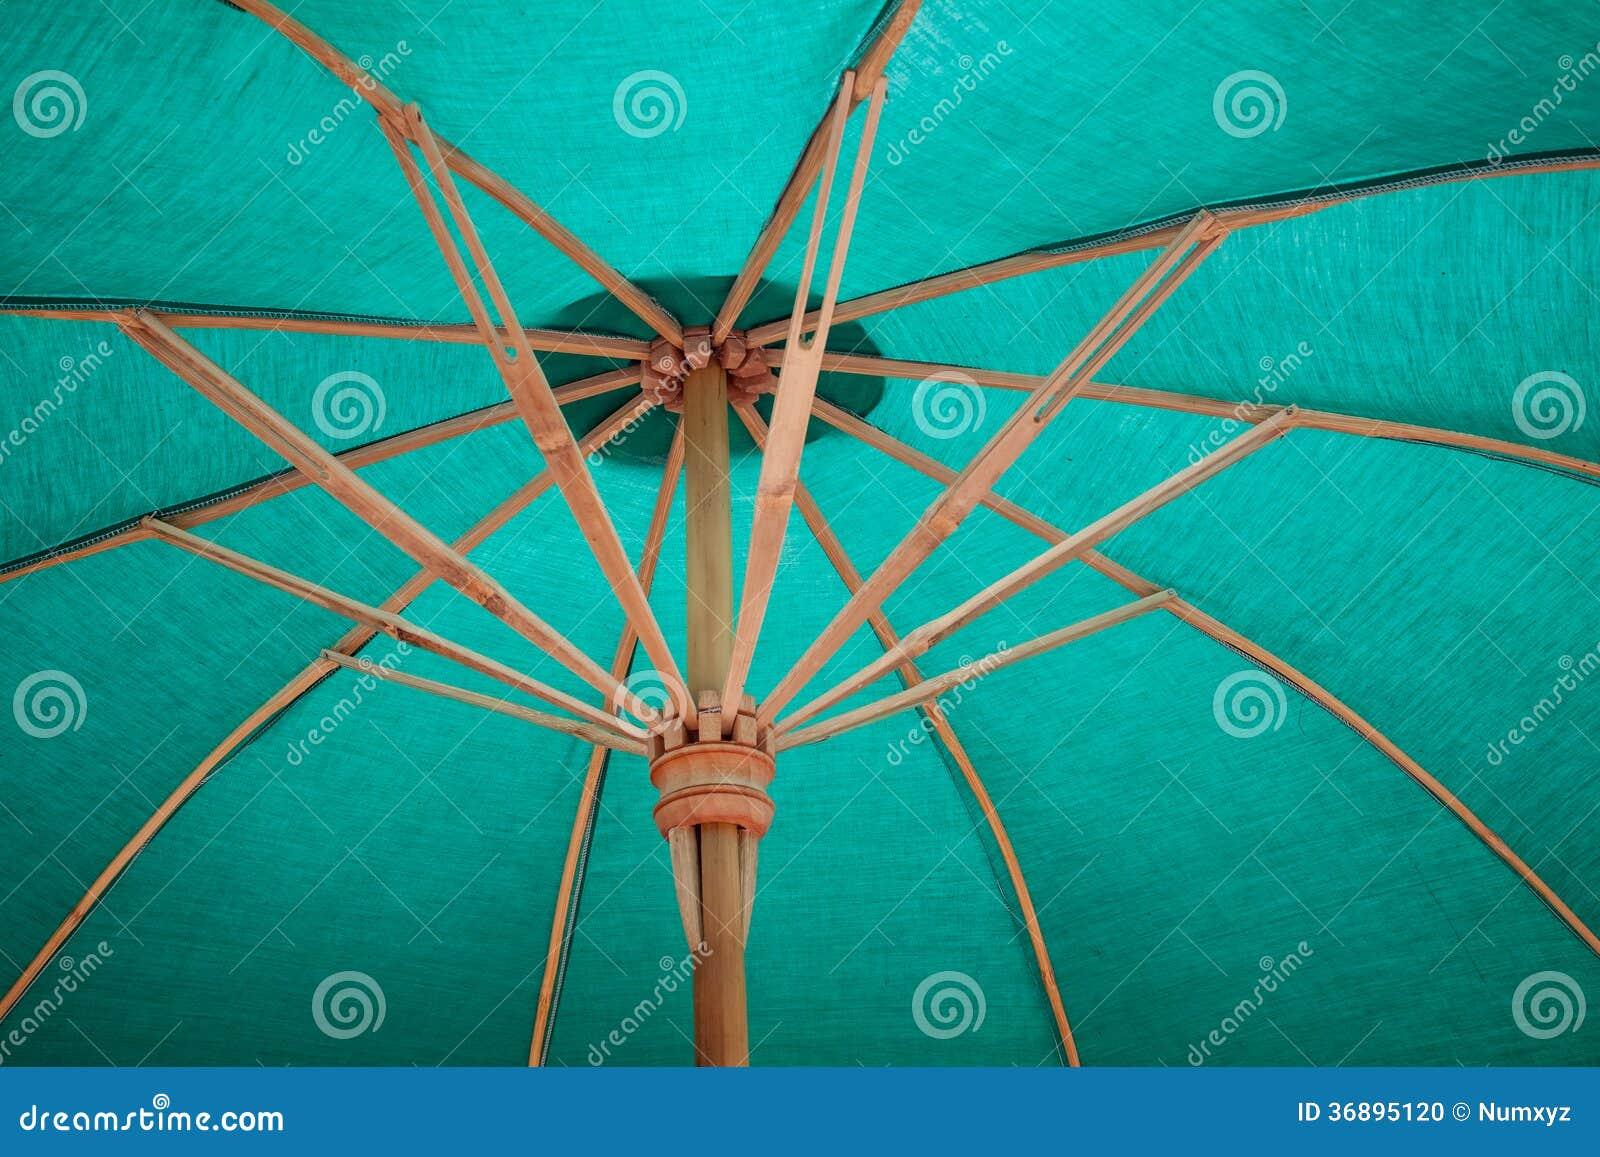 Download Ombrello Fatto Di Carta/di Tessuto. Arti Fotografia Stock - Immagine di antico, decorazione: 36895120